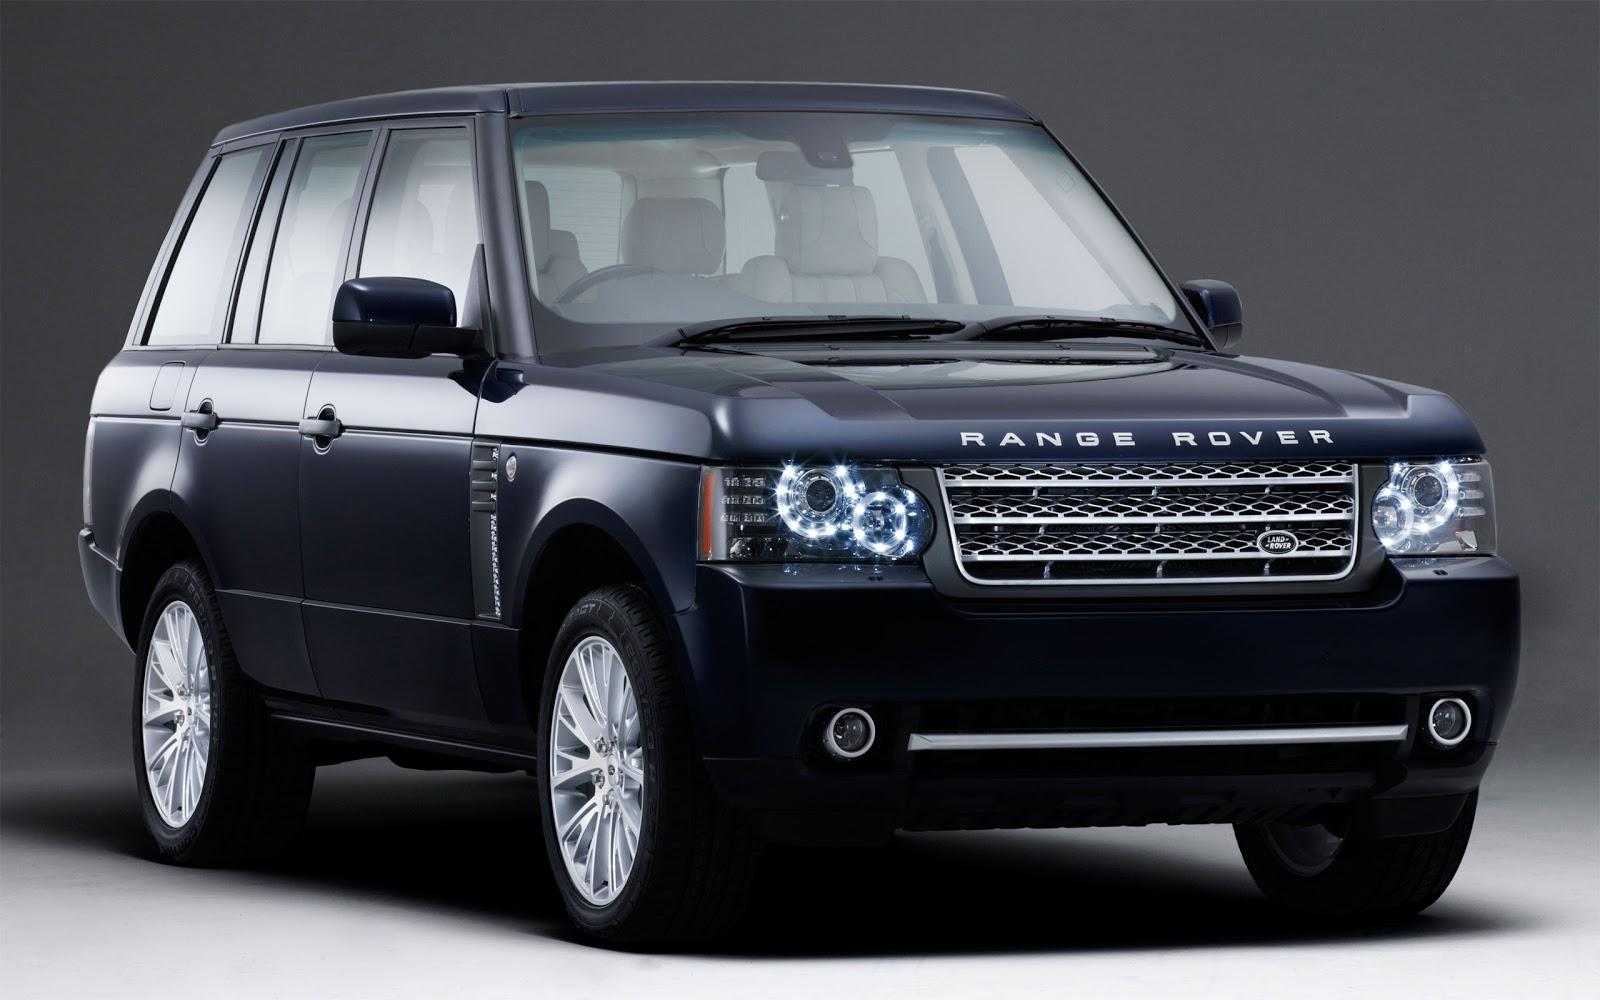 15 Range Rover HD Desktop Wallpapers